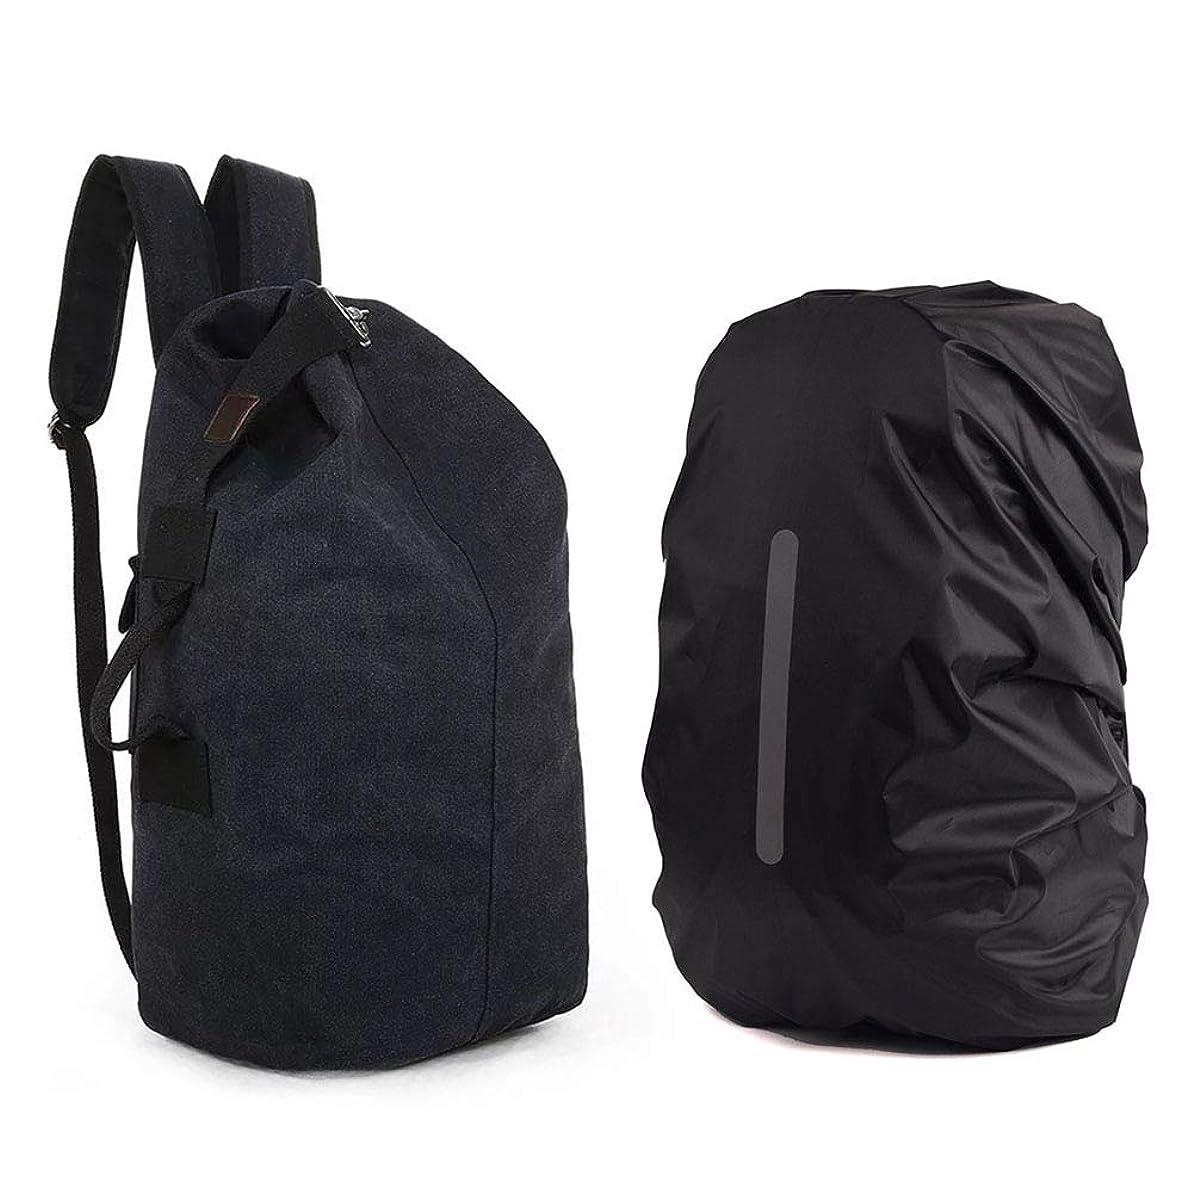 一致ブラウンセンチメンタルリュックサック 登山バッグ キャンバスバッグ アウトドアバッグ 大容量収納 掛け式と折り畳み式 防水袋付き 防災 アウト旅行